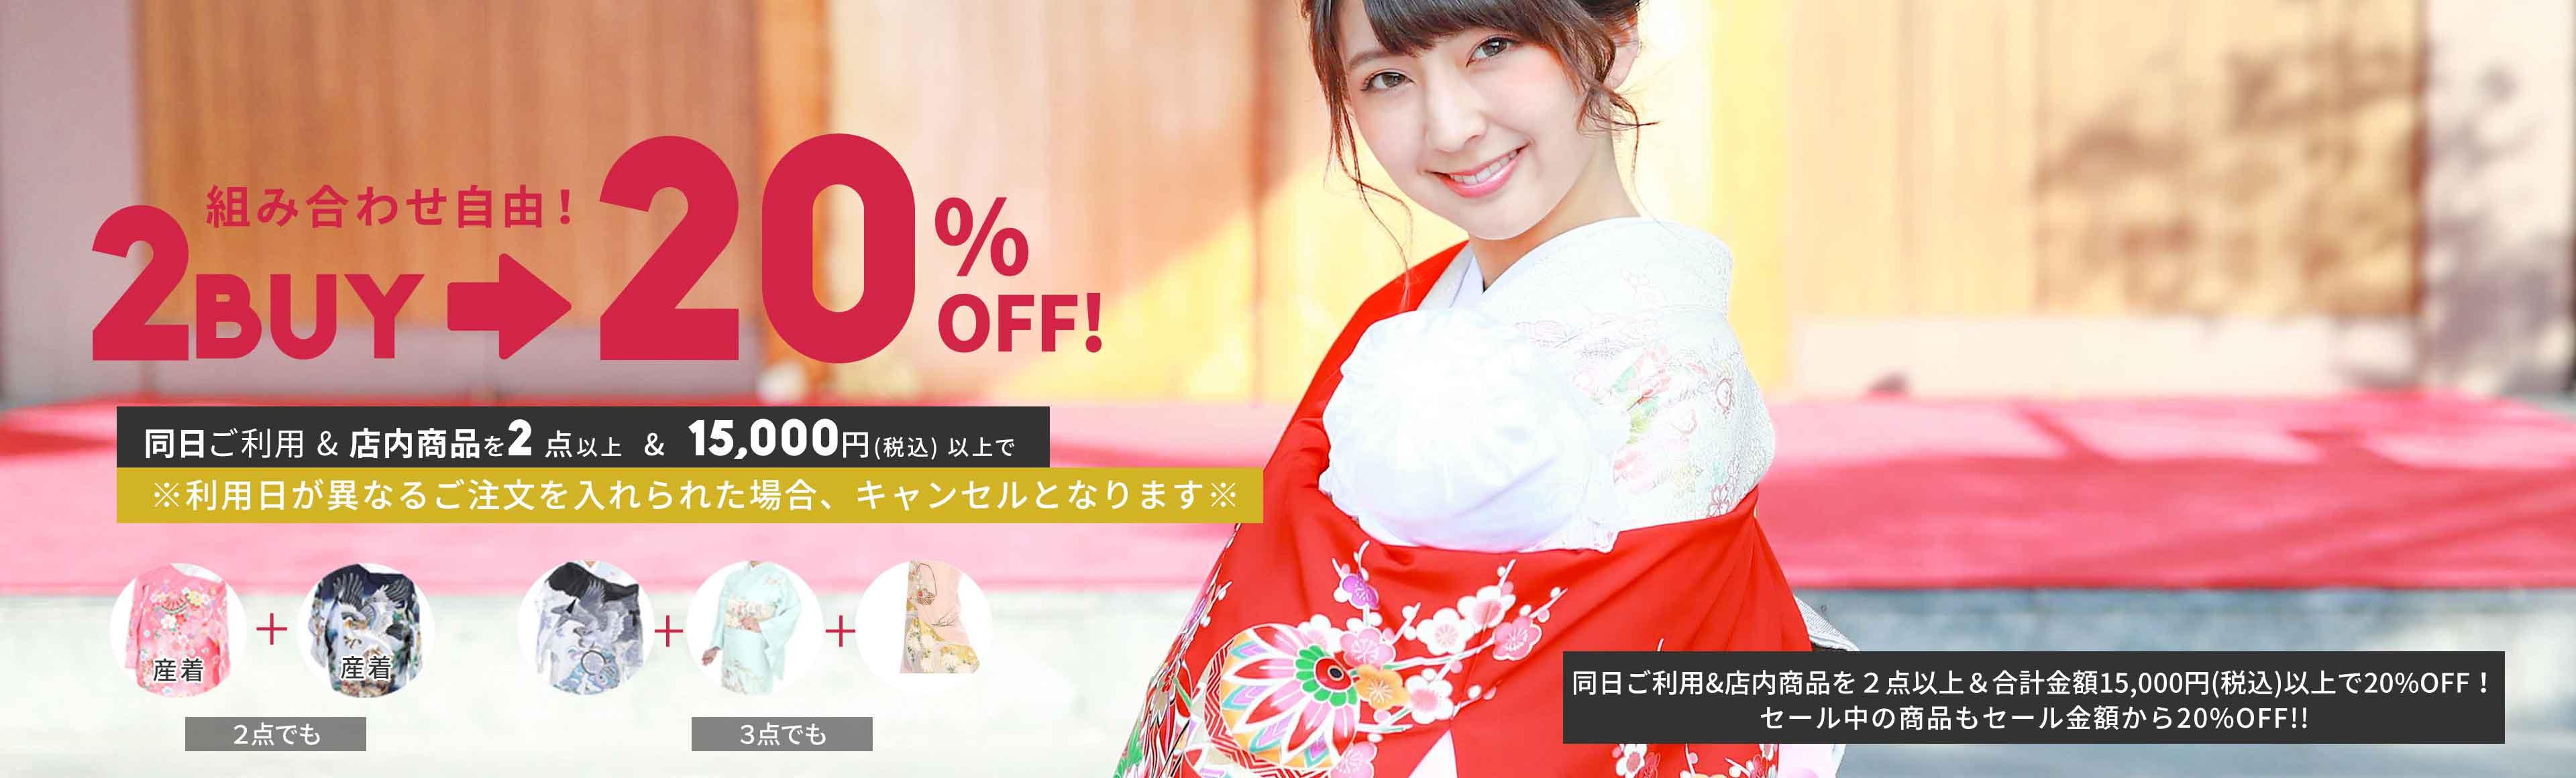 組み合わせ自由!¥15,000以上のご注文対象!赤ちゃんのすくすく成長キャンペーン